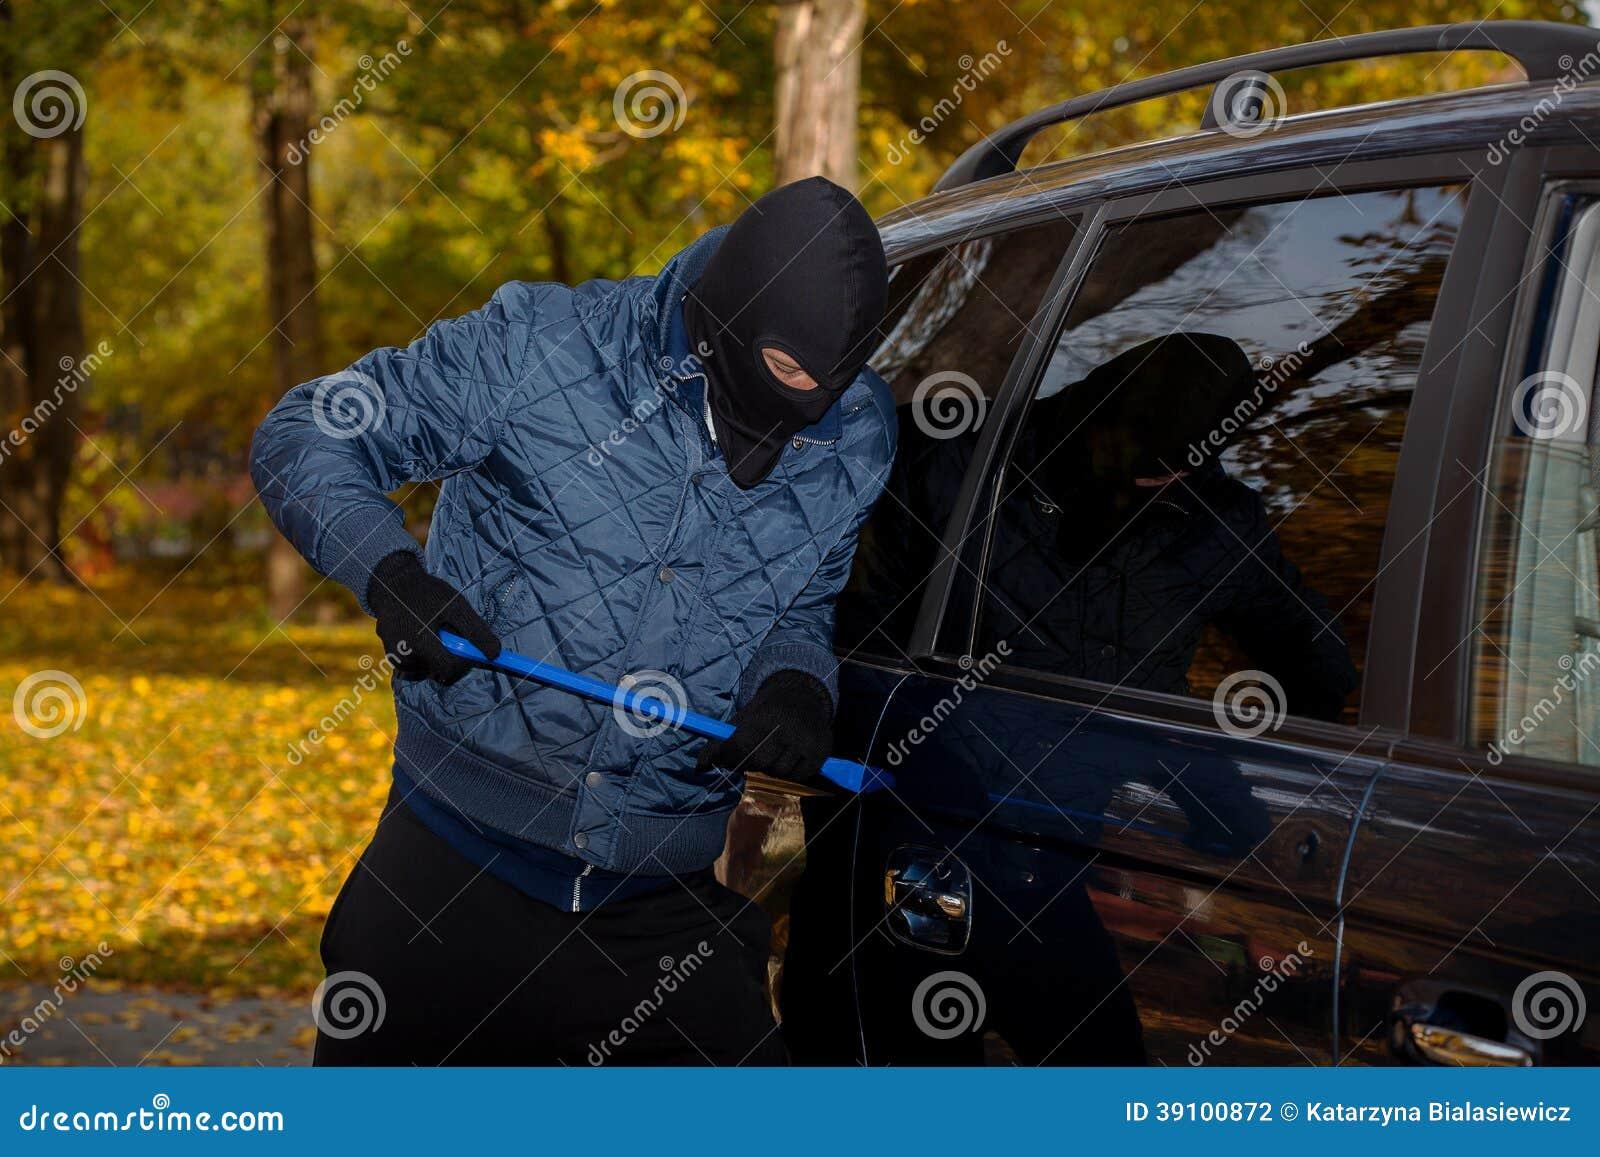 Bandiet opennig de deur van de auto